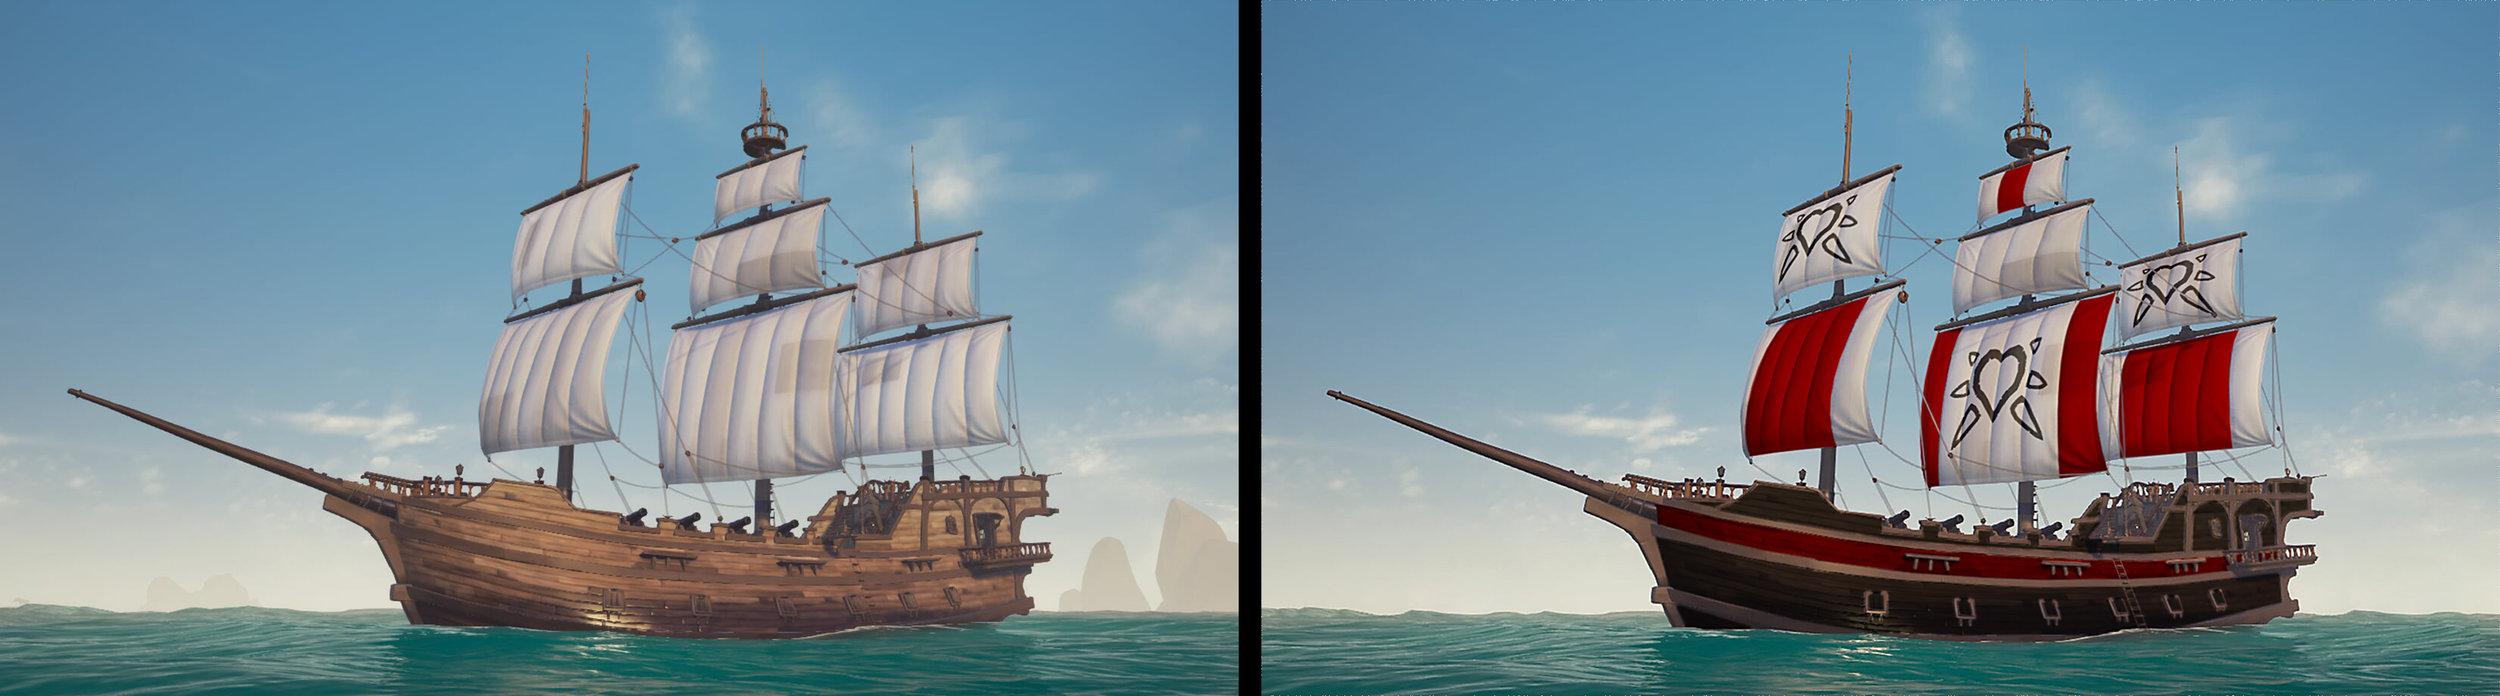 Galleon-Comparision.jpg